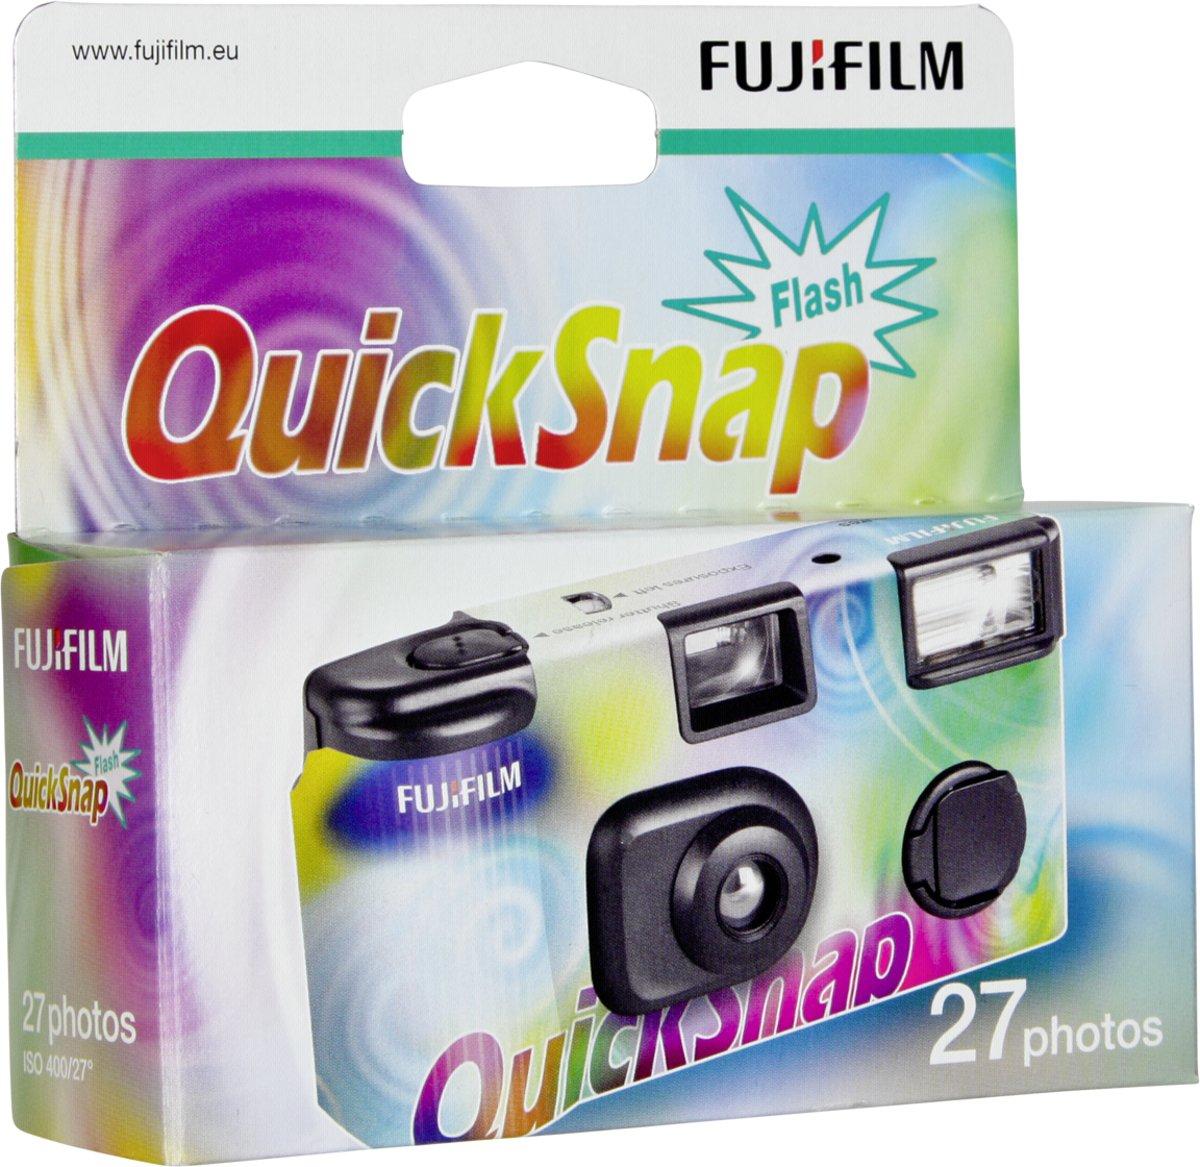 Fujifilm Quicksnap Flash 27 kopen